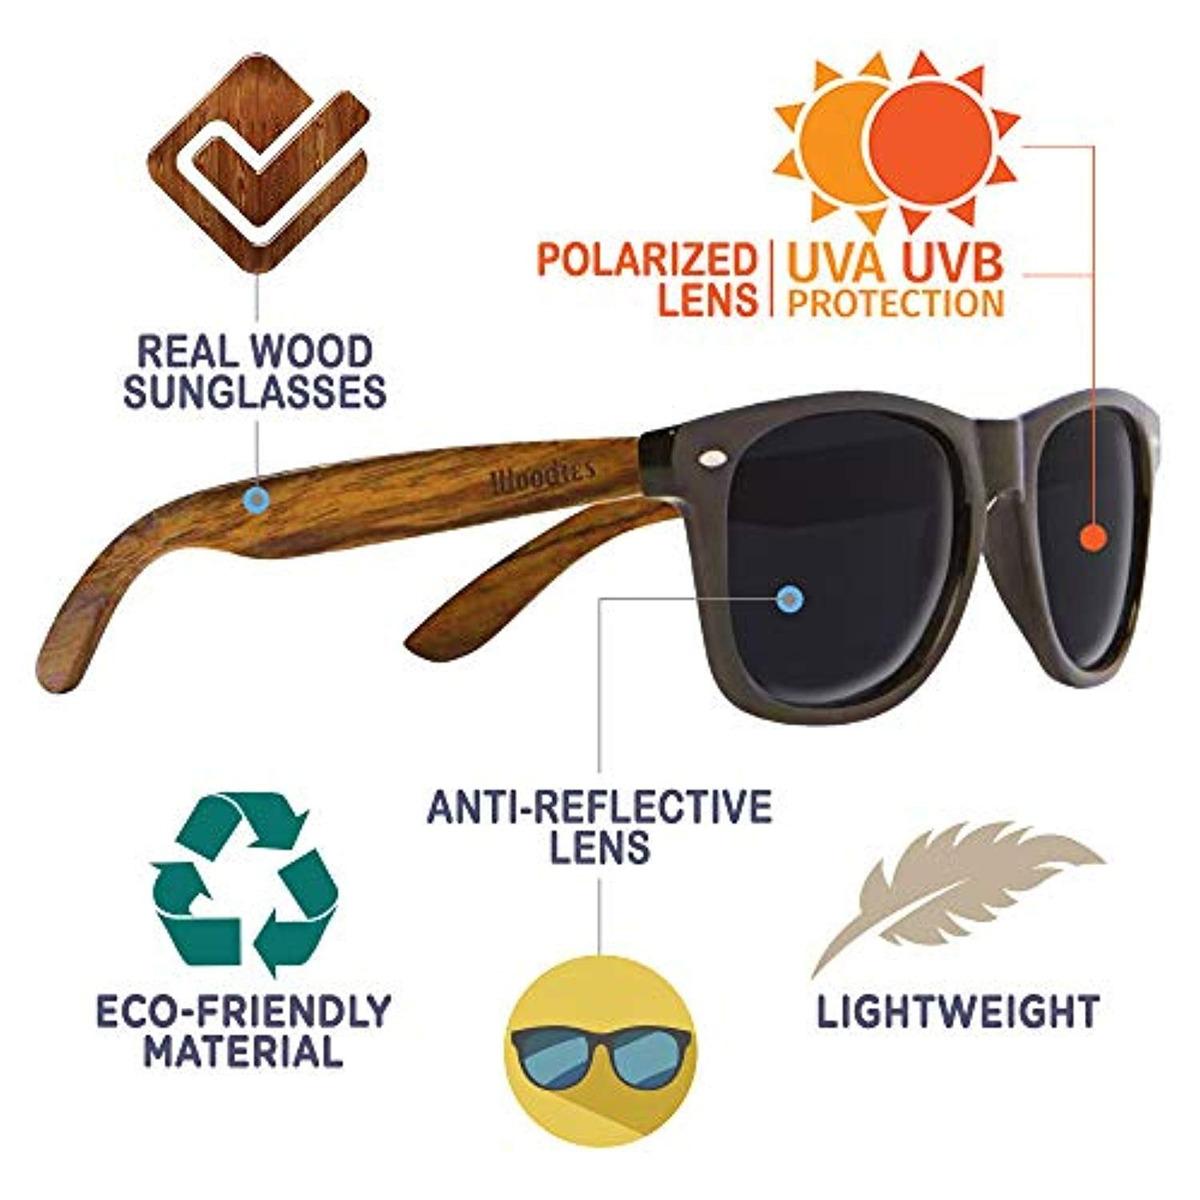 42459fd81b Woodies Gafas De Sol Wayfarer Madera Nogal - $ 194.533 en Mercado Libre